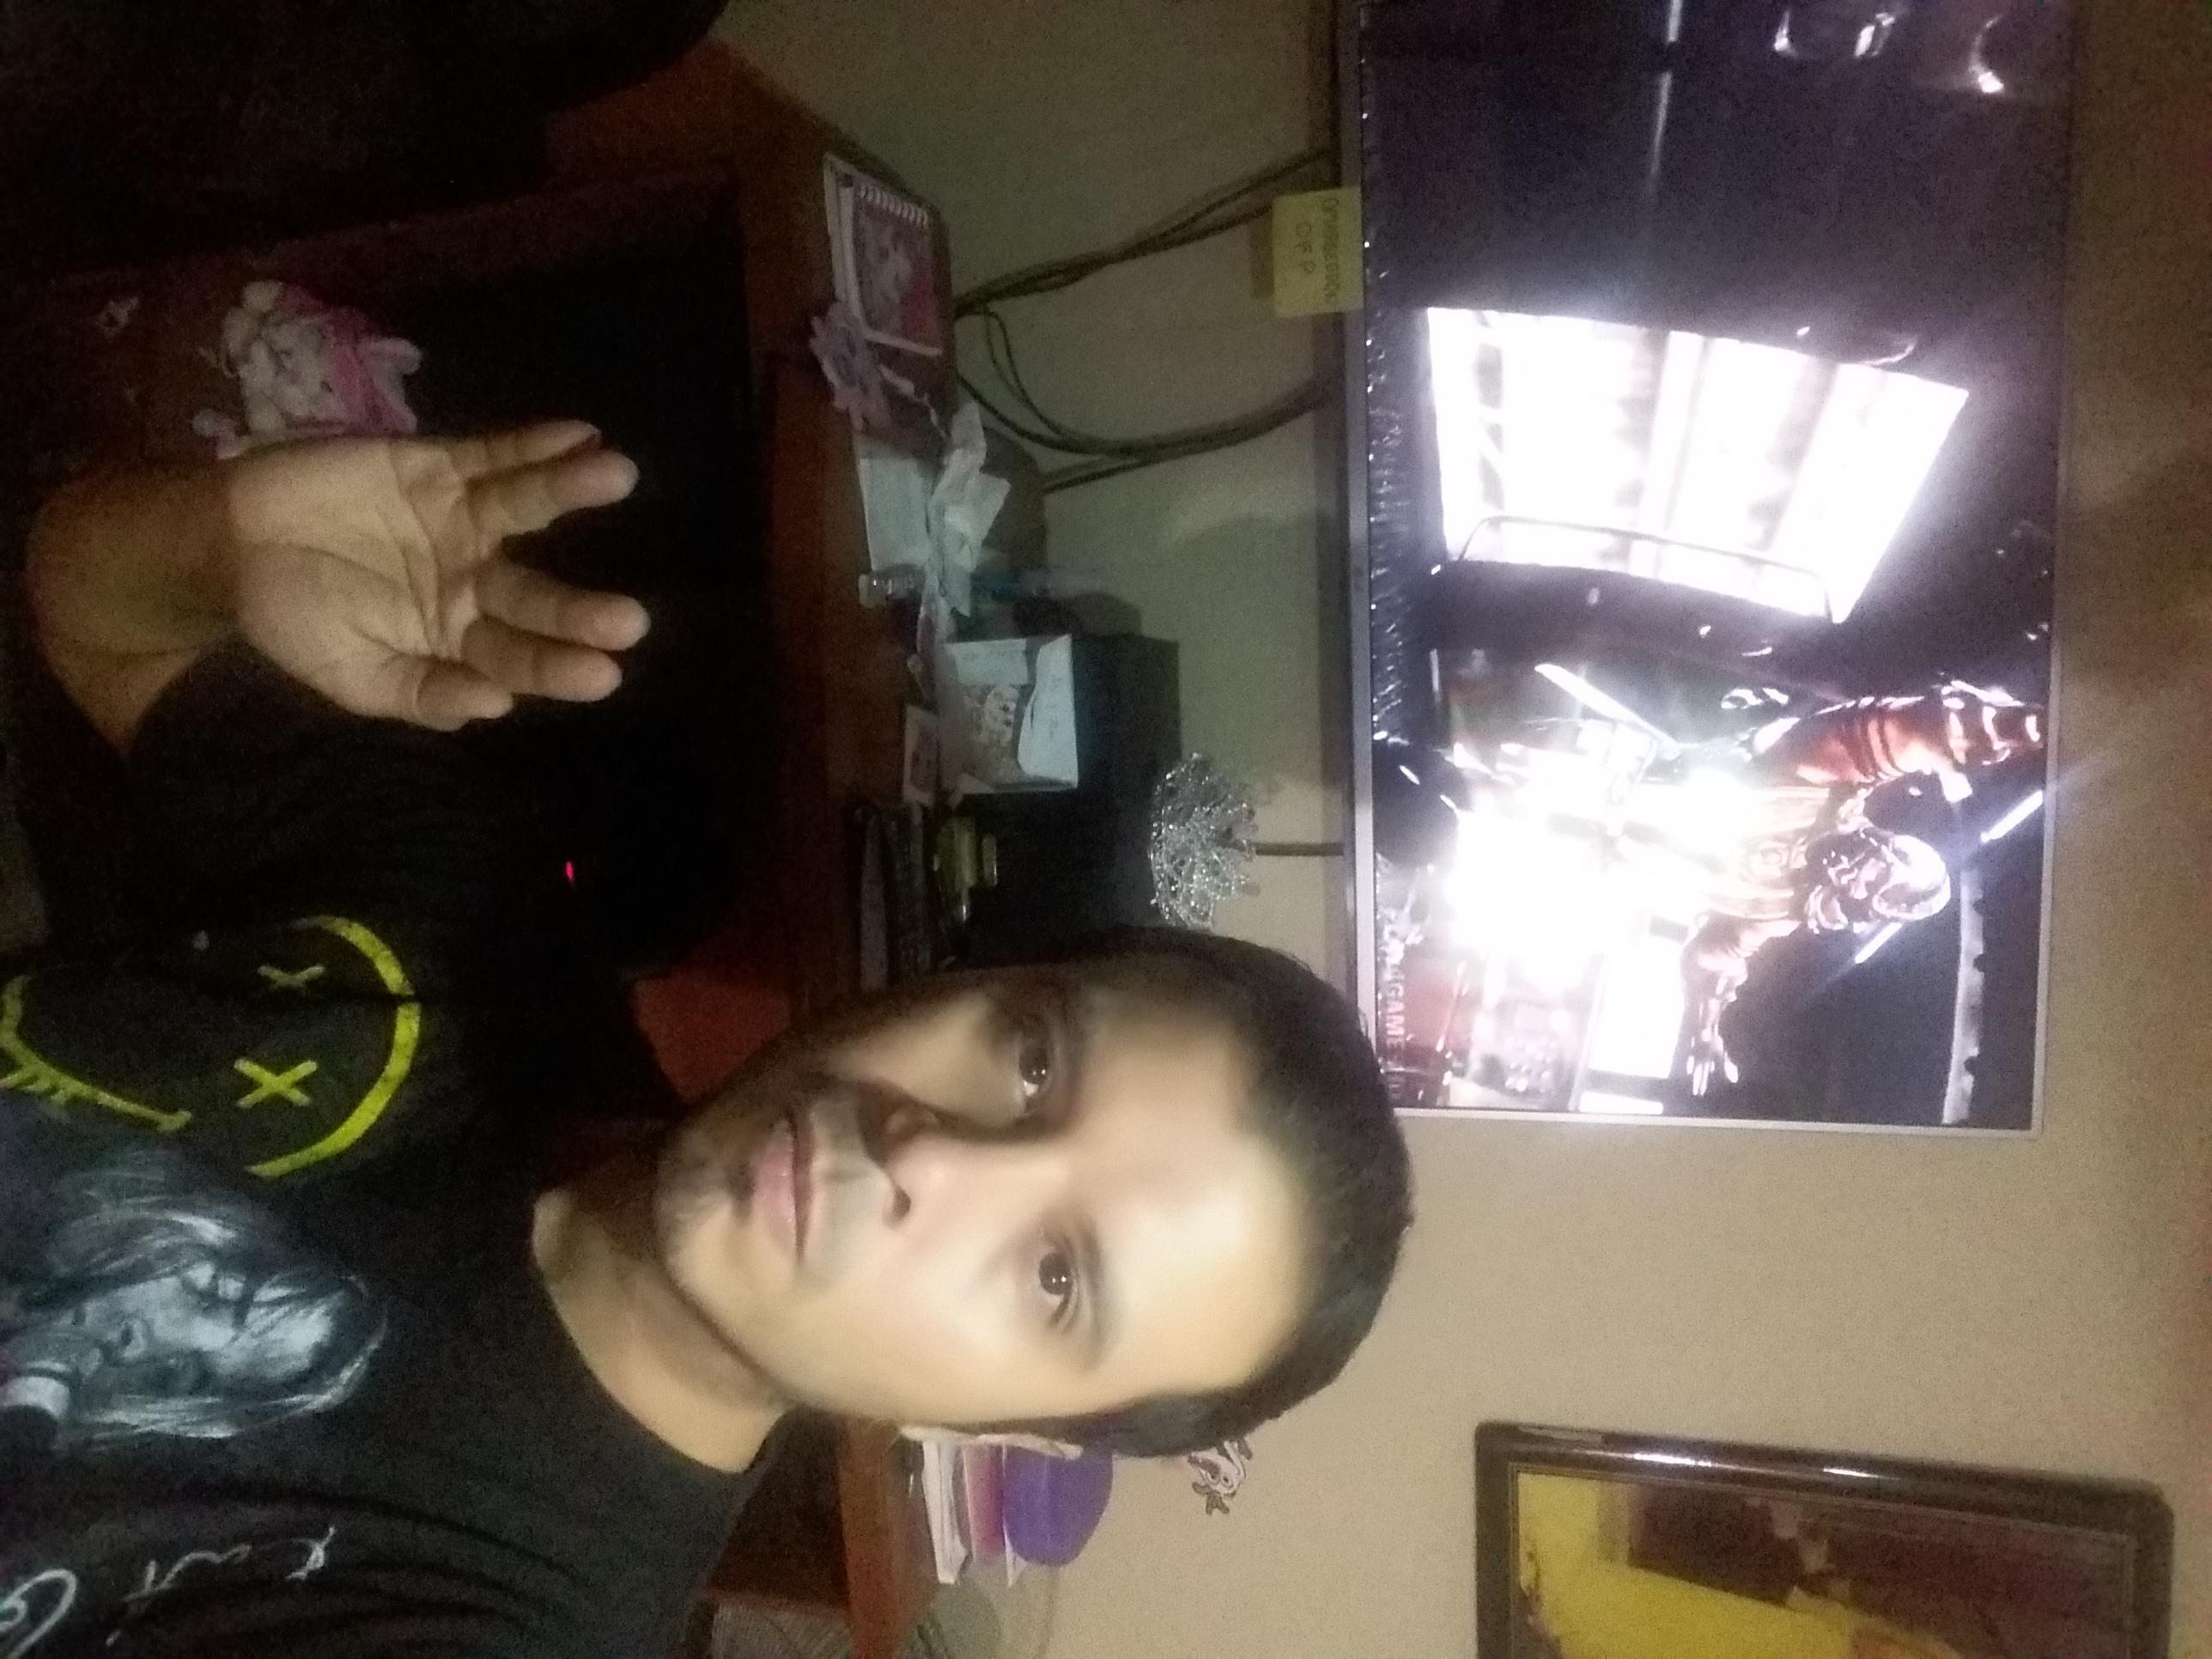 omargeddon: Mortal Kombat 3 [Win Streak] (SNES/Super Famicom) 4 points on 2016-12-02 10:31:48